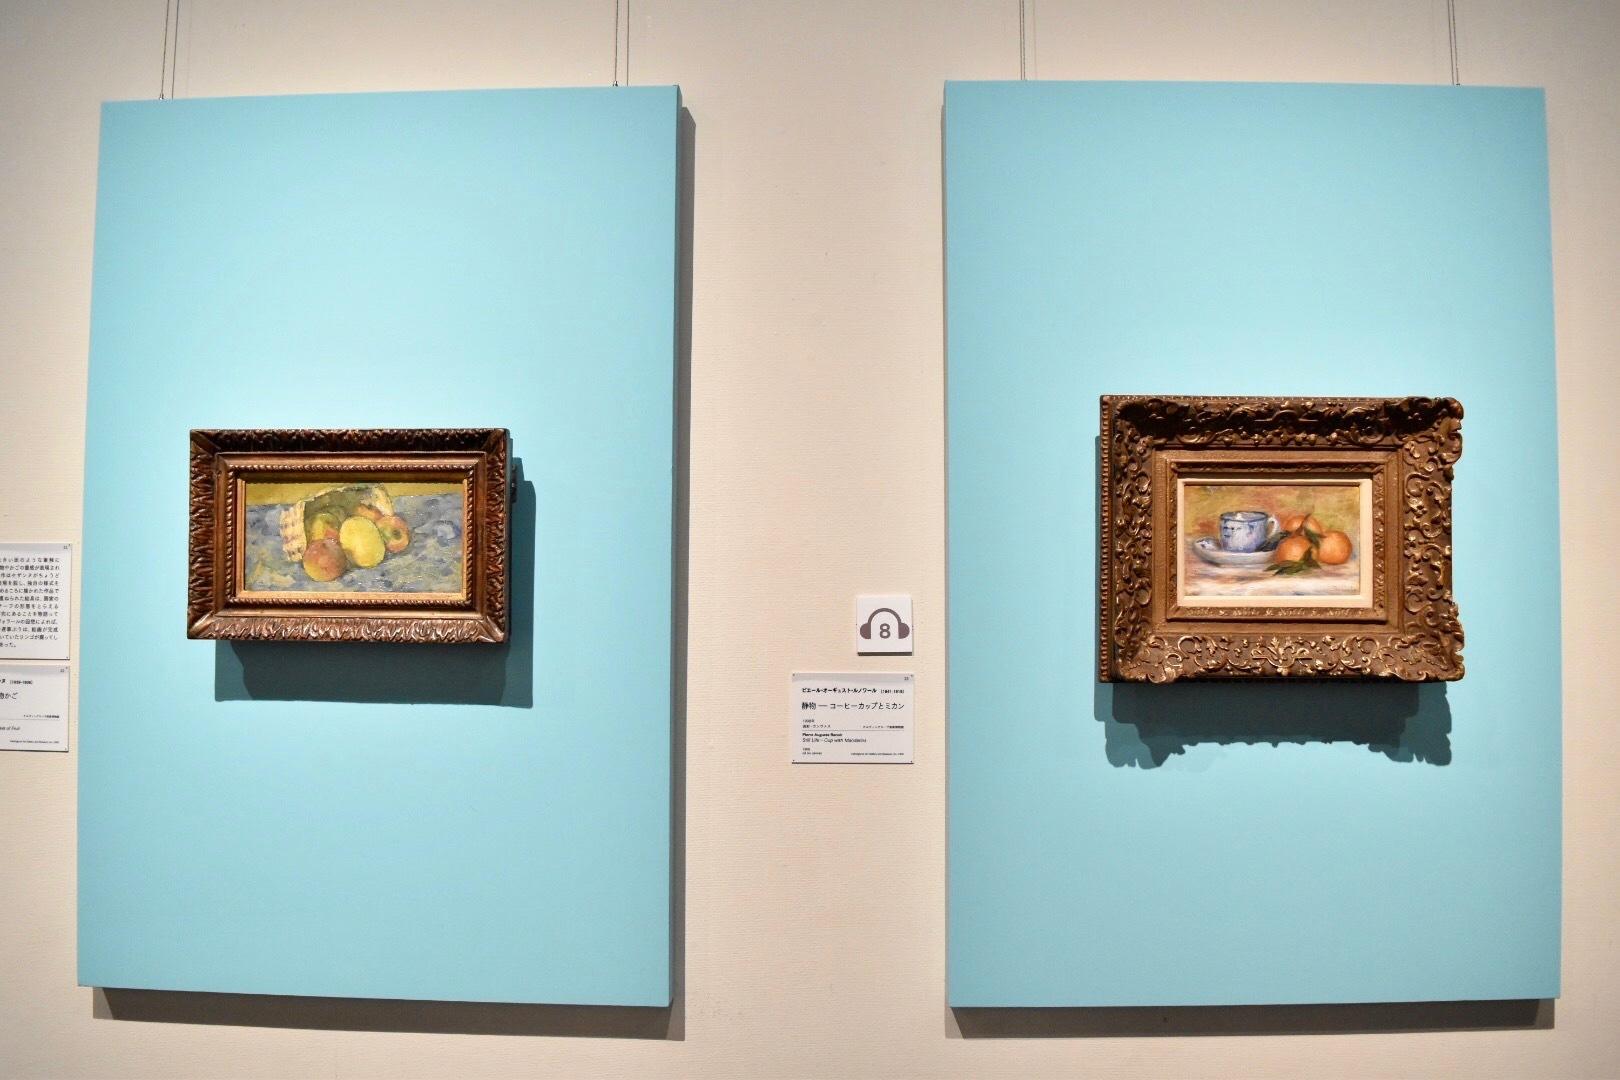 左:ポール・セザンヌ 《倒れた果物かご》 1877年頃 油彩、カンヴァス ケルヴィングローヴ美術博物館蔵 (C)CSG CIC Glasgow Museums Collection 右:ピエール・オーギュスト・ルノワール 《静物-コーヒーカップとミカン》 1908年 油彩、カンヴァス ケルヴィングローヴ美術博物館蔵 (C)CSG CIC Glasgow Museums Collection